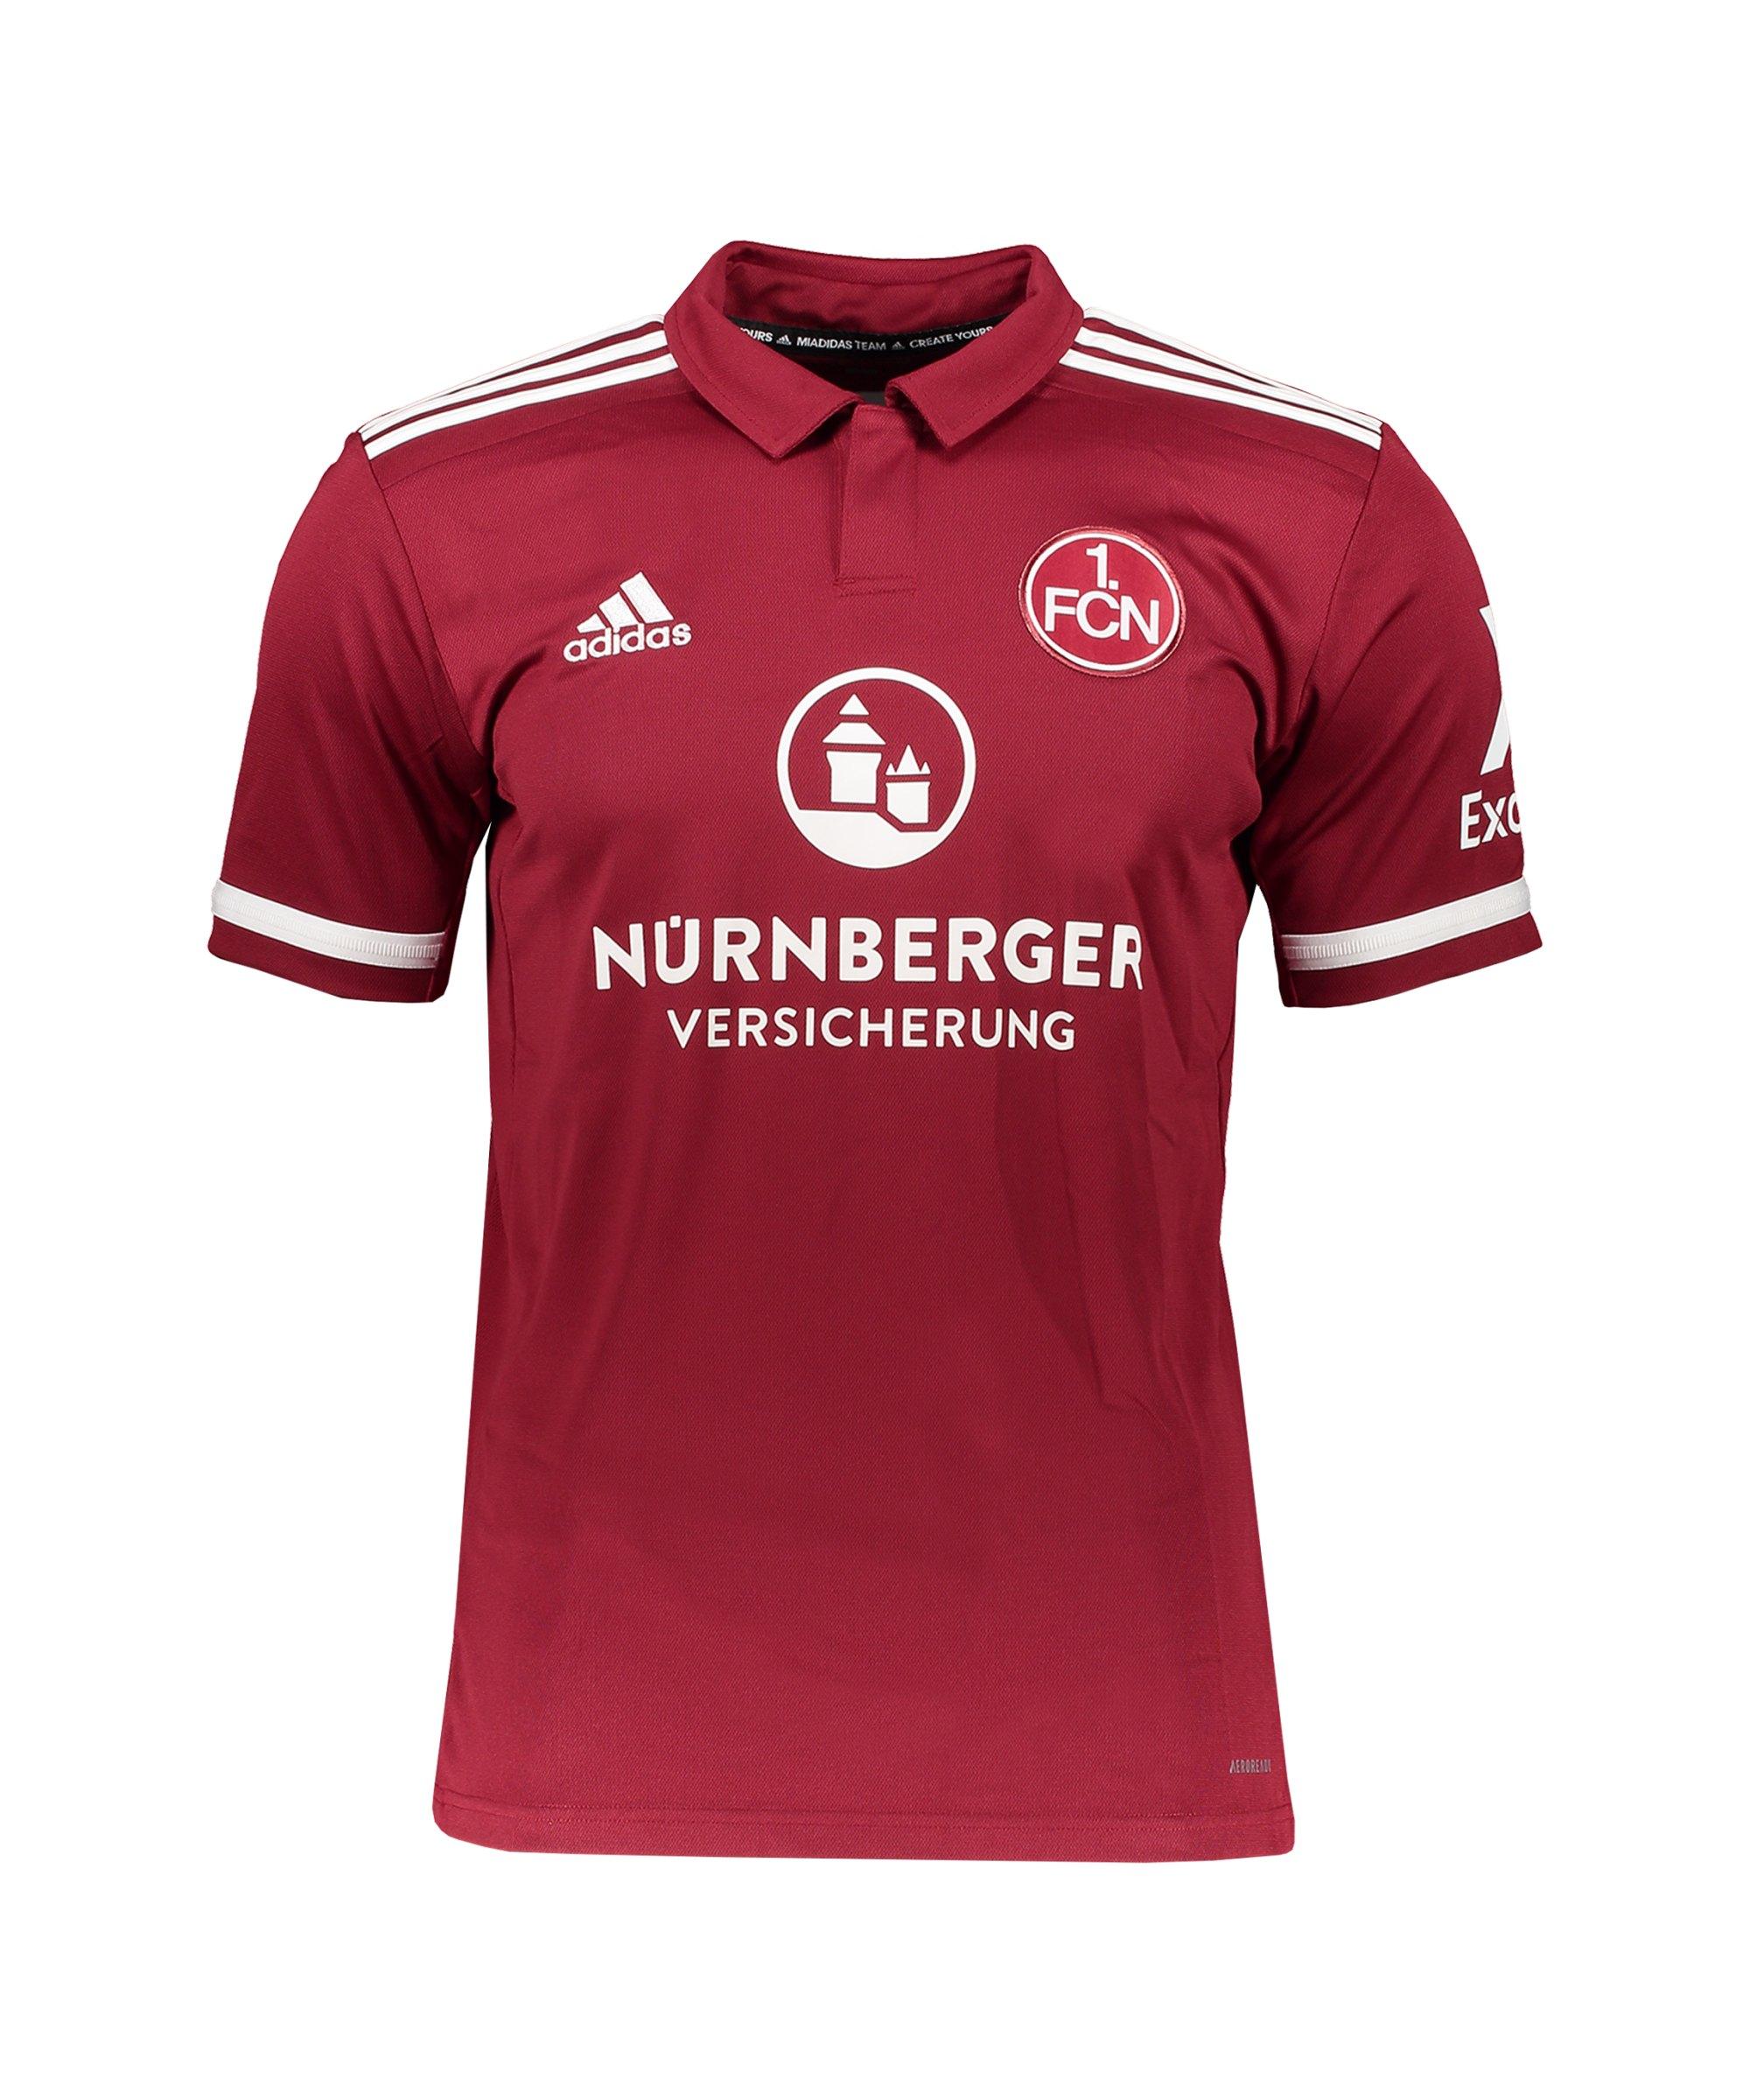 adidas 1. FC Nürnberg Trikot Home 2021/2022 Damen Rot - rot